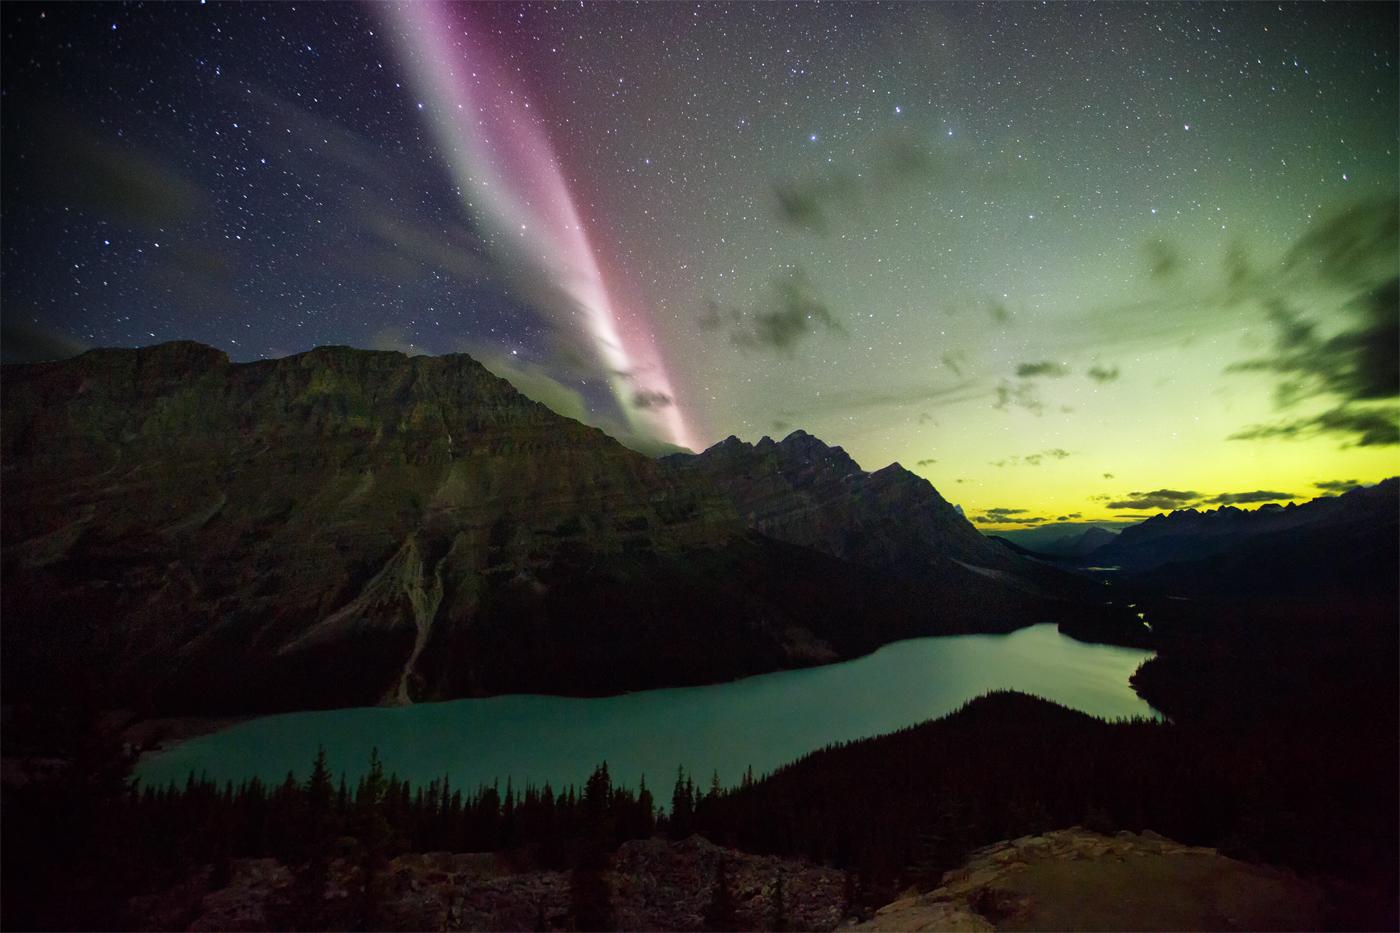 Peyto Lake feat. a proton arc aurora! (by Paul Nguyen, 2015)